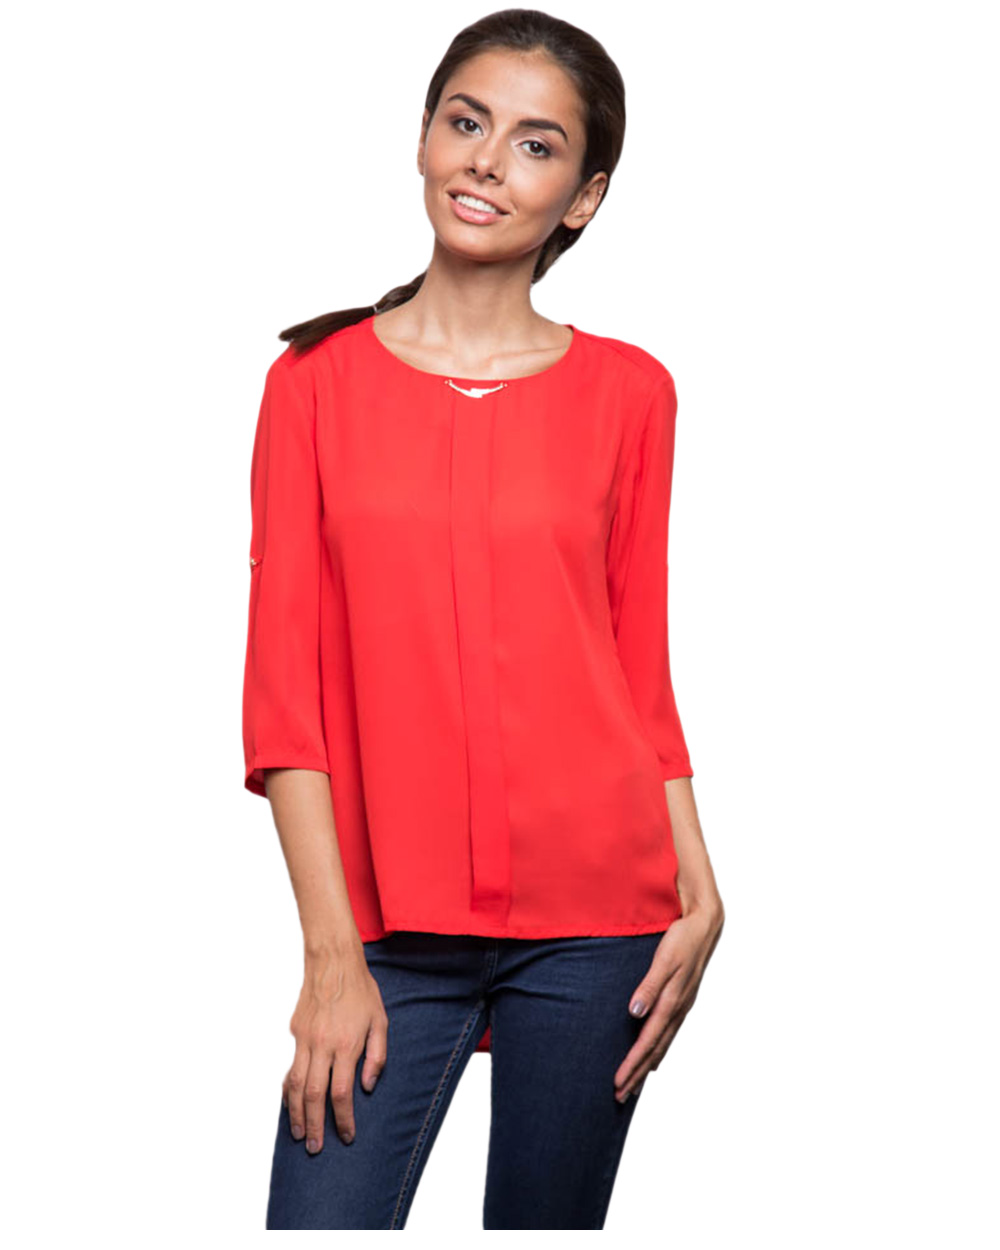 Купить блузки из польши оптом